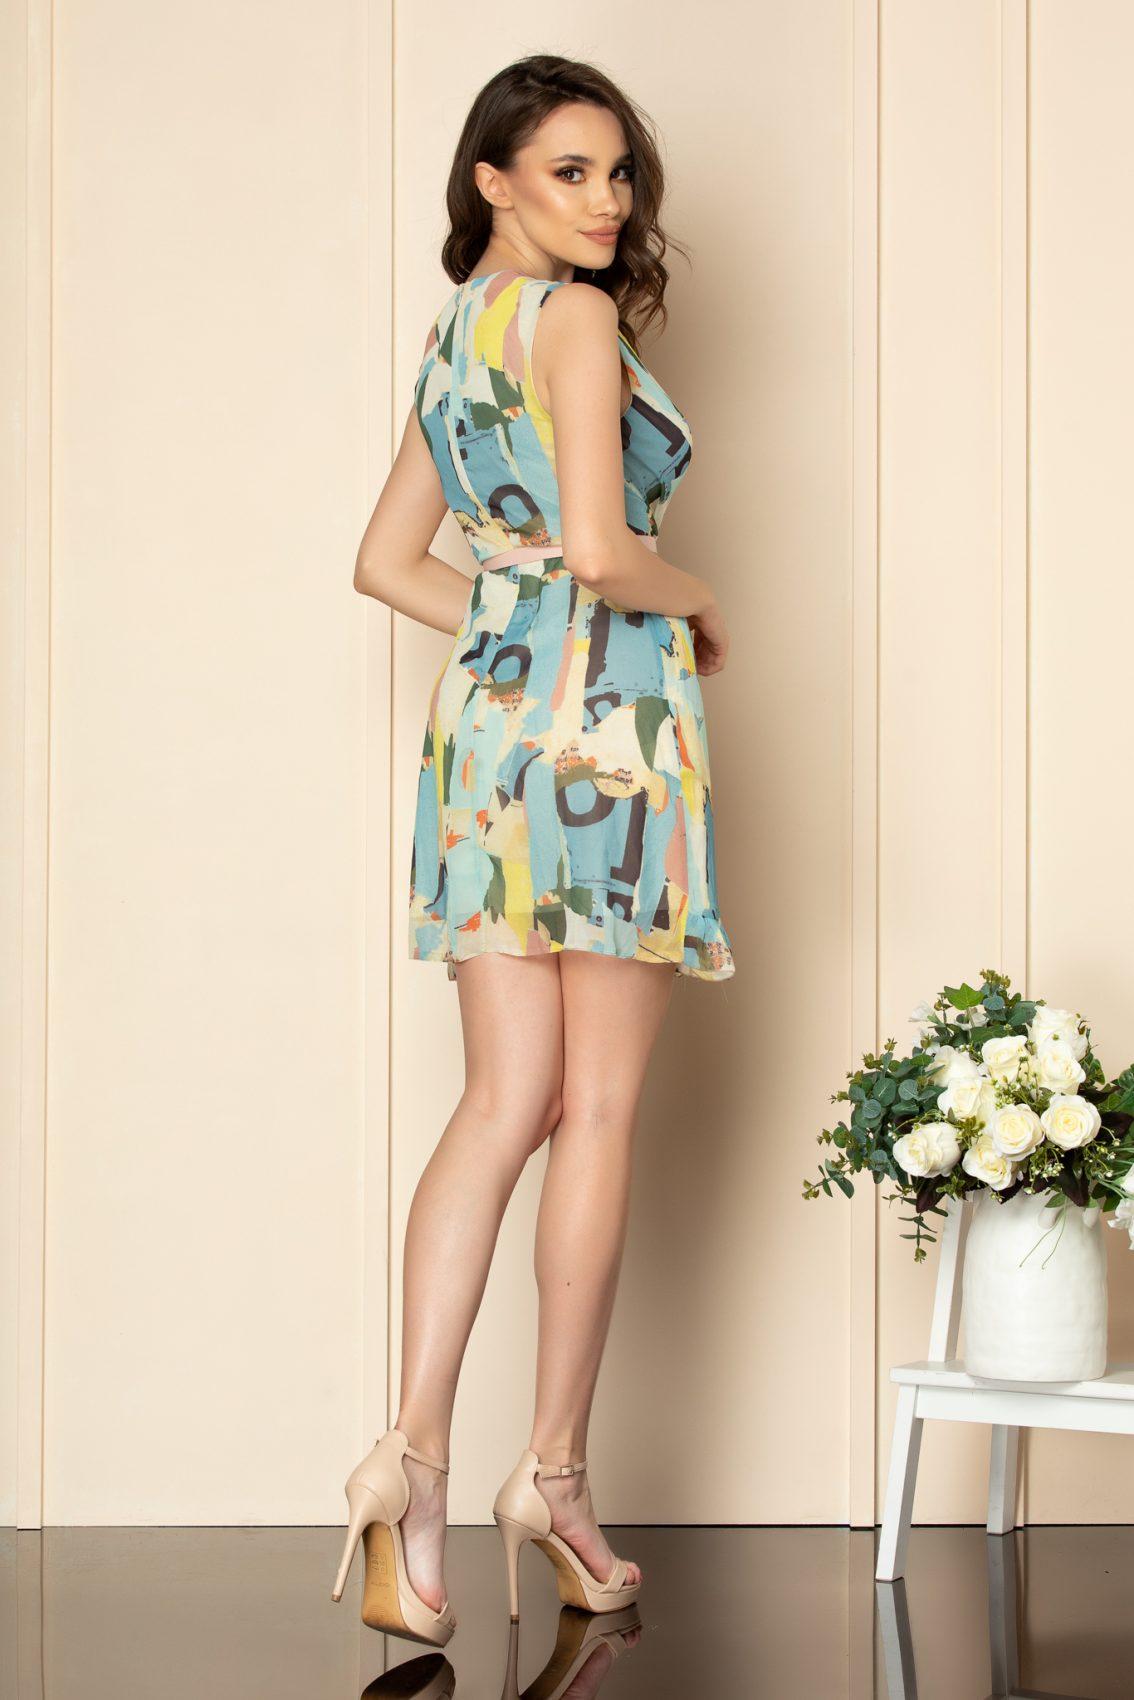 Μπλε Εμπριμέ Μίνι Φόρεμα Anelise A514 2